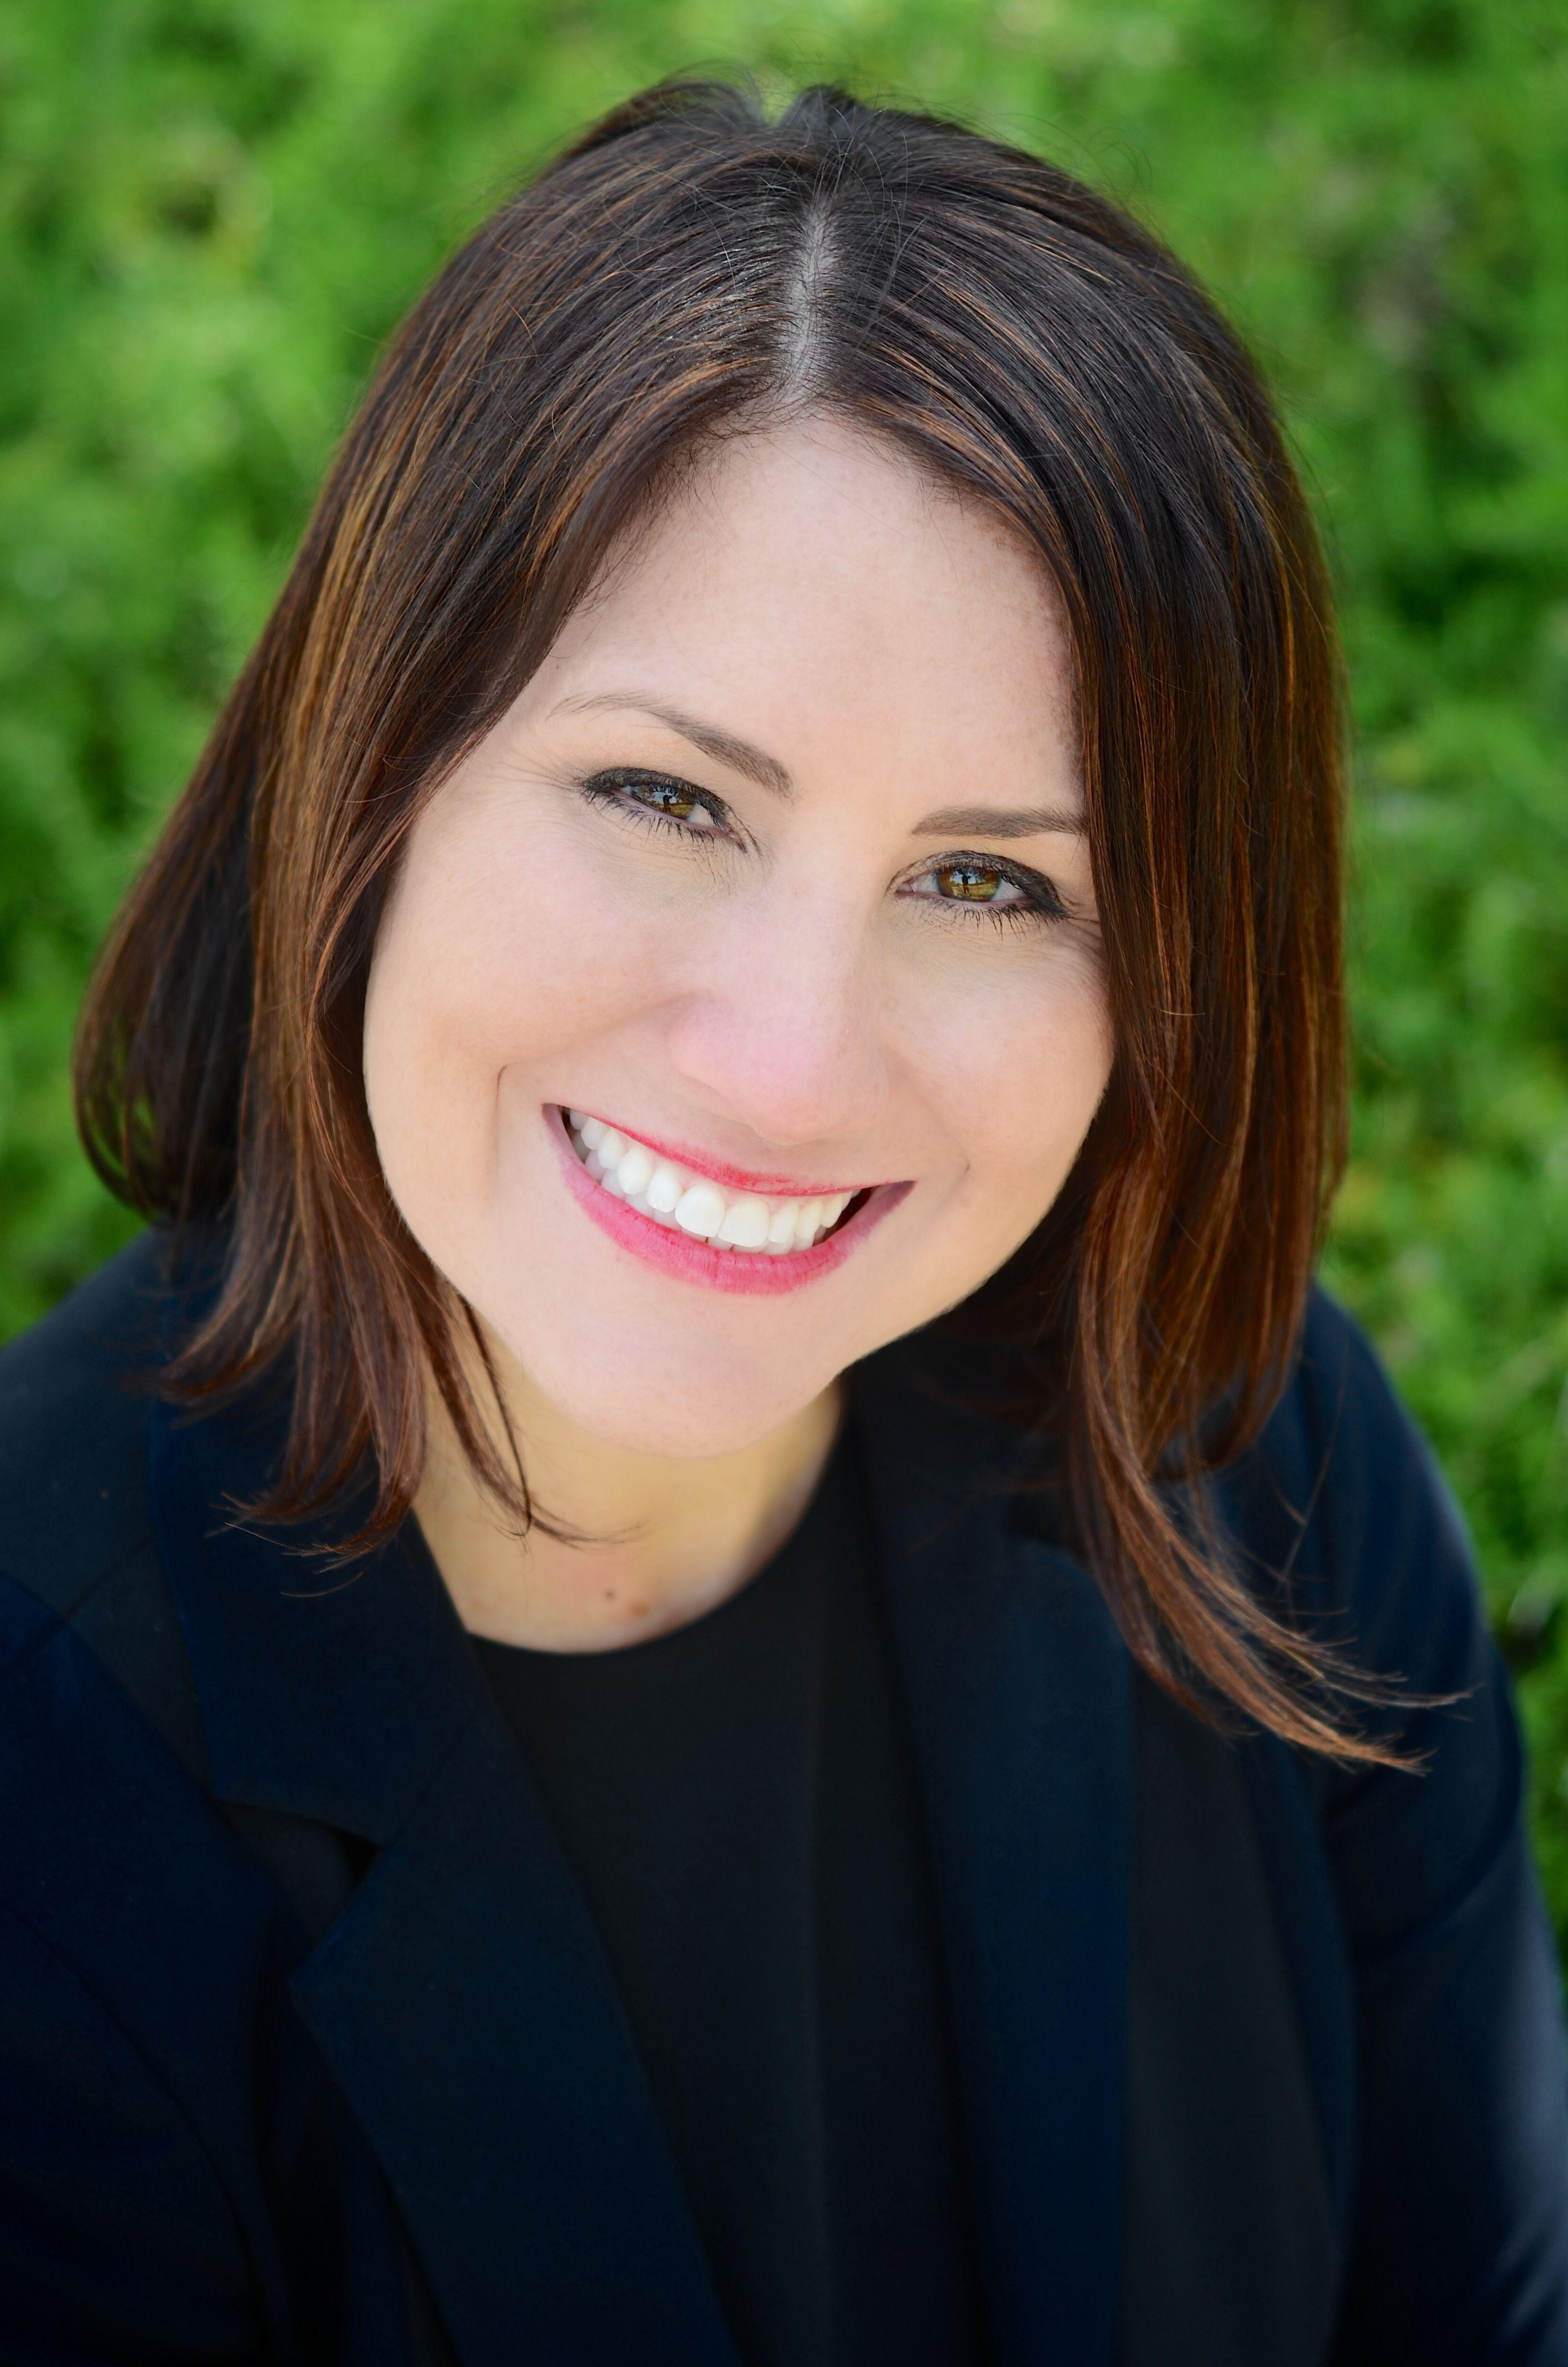 Annette Morgan